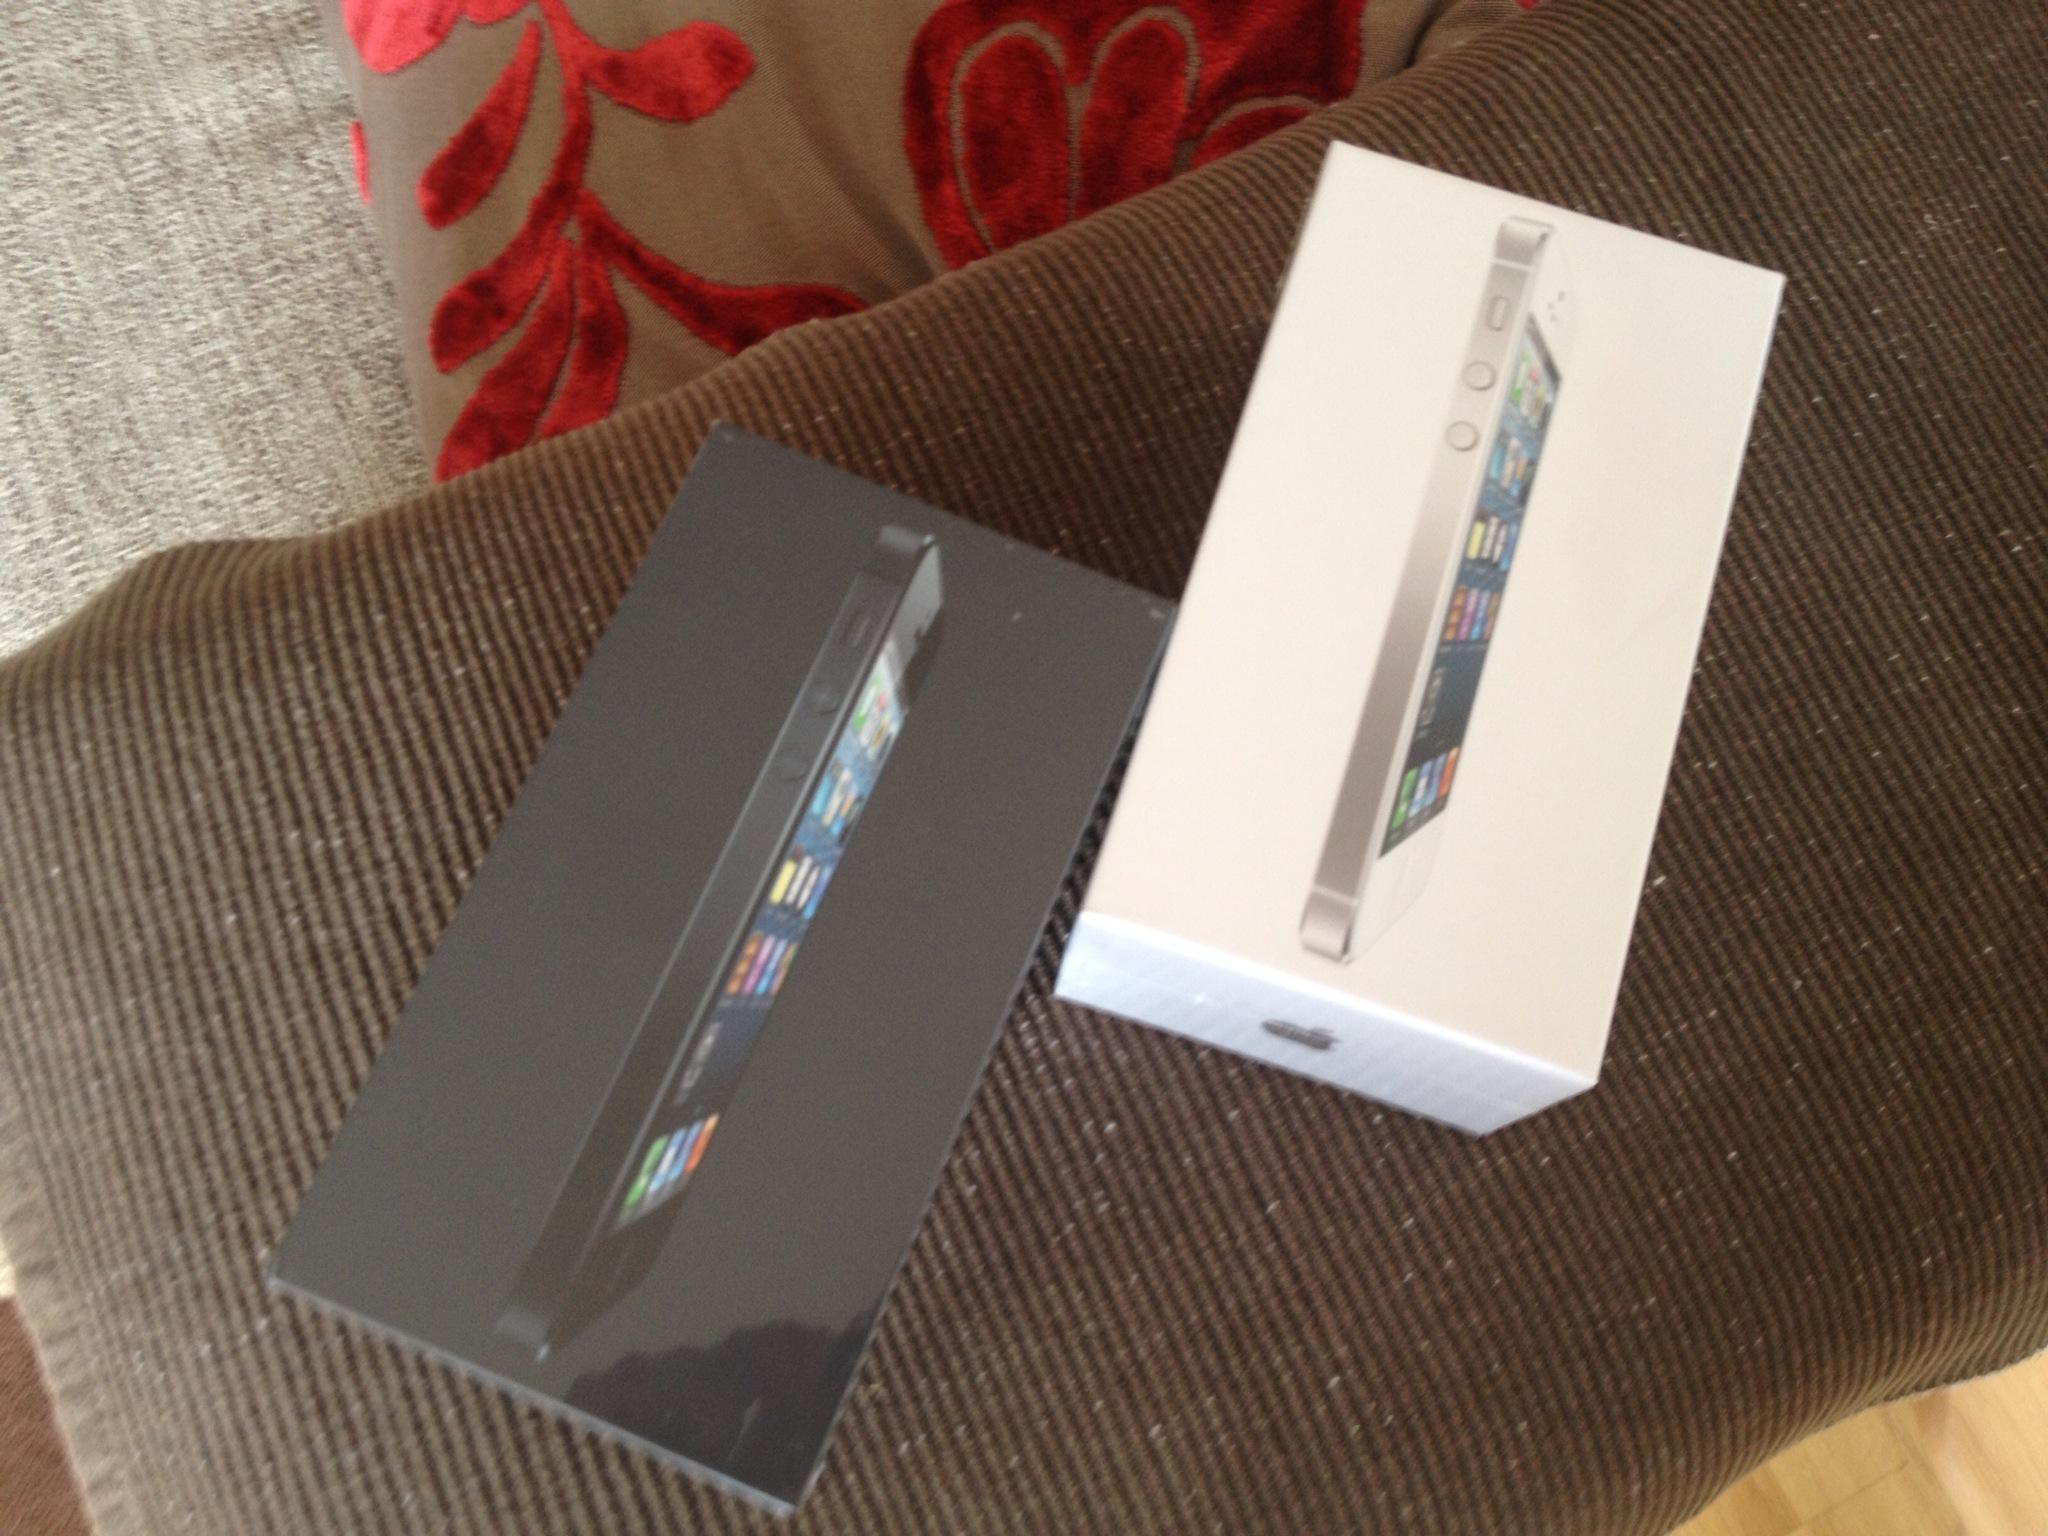 iPhone 5 bugün çıktı, ve elimize ulaştı, incelememiz yakında!..